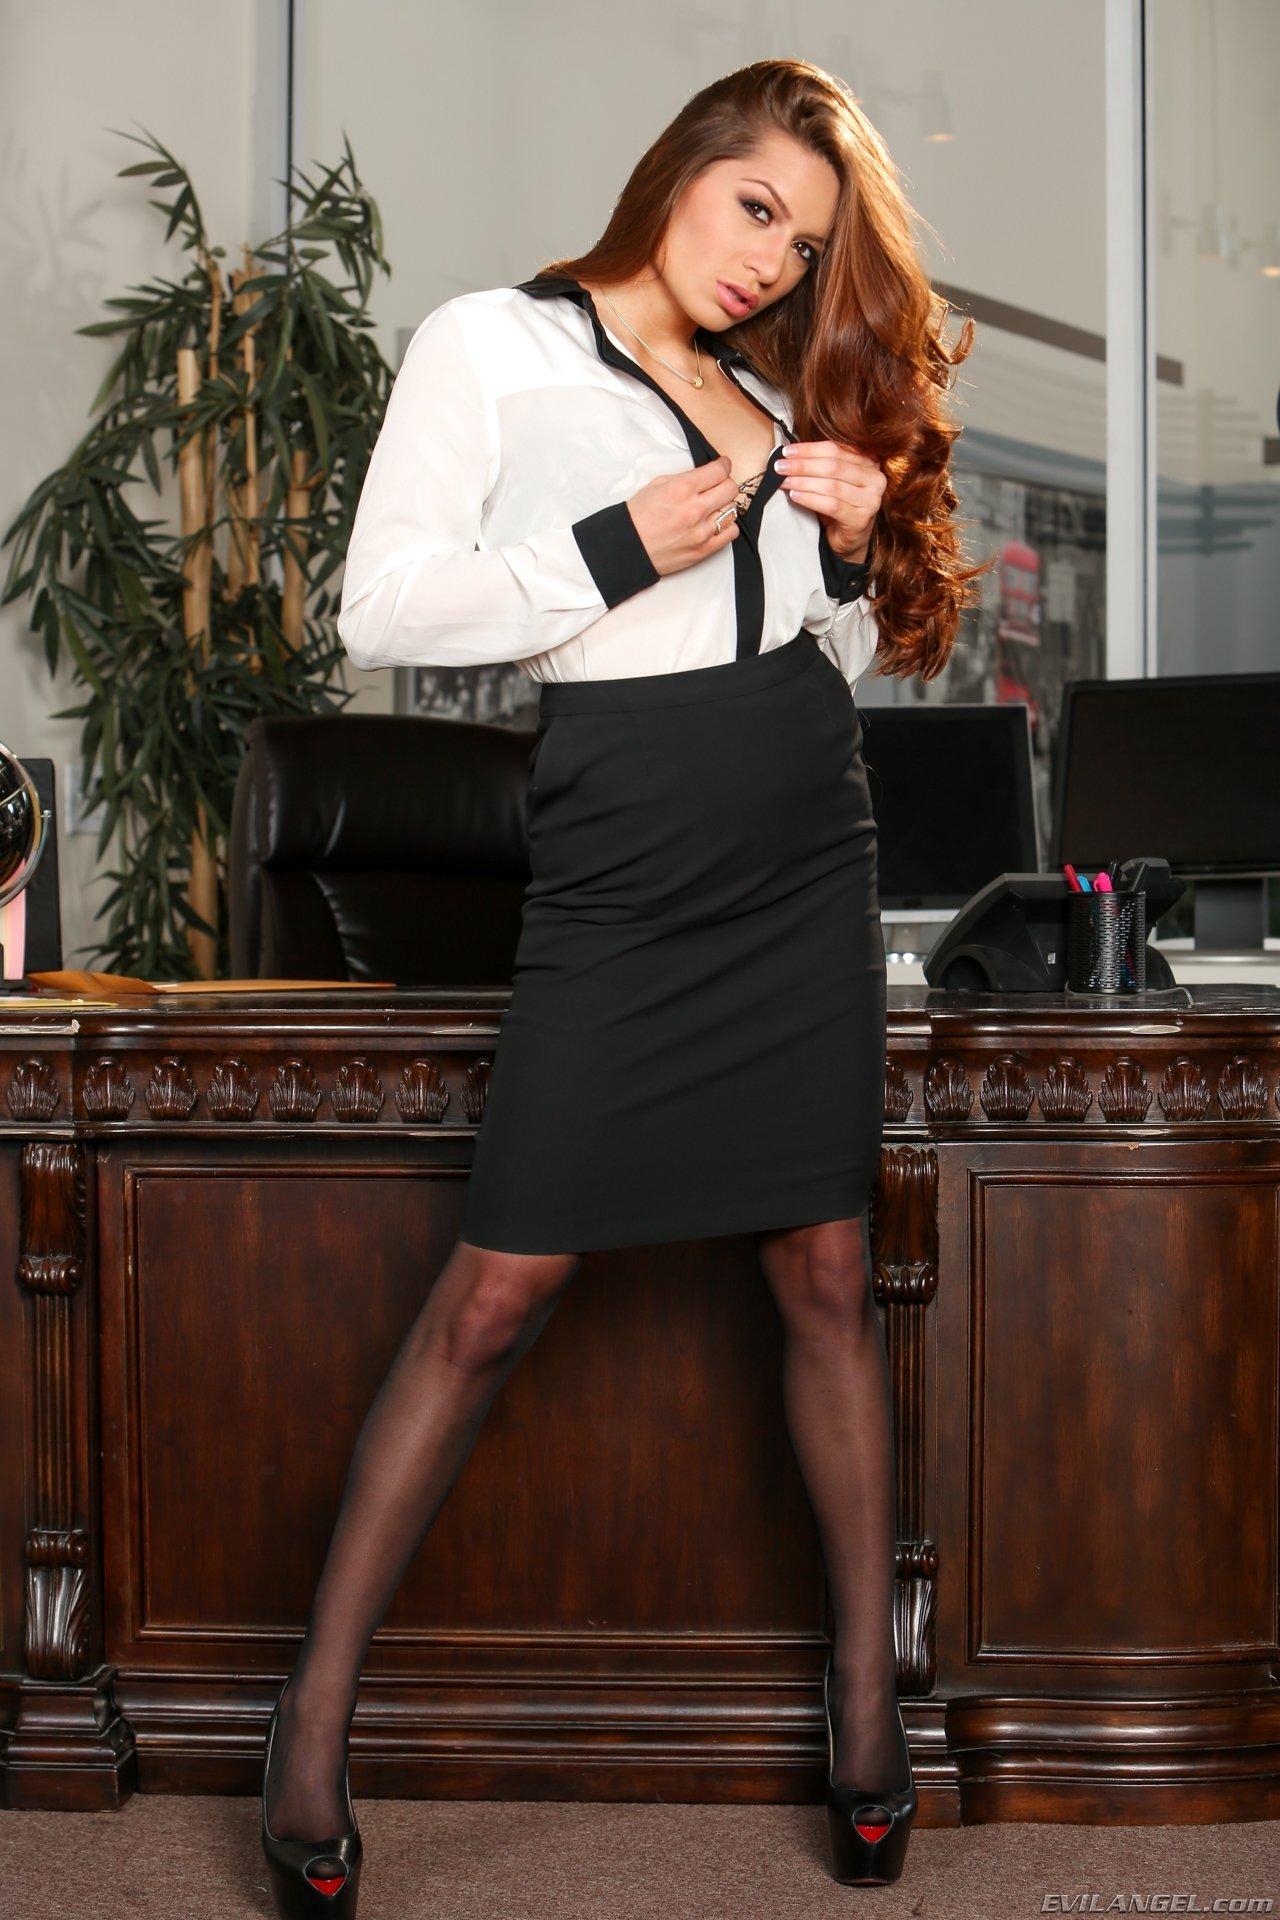 Юная директрисса сняла трусы в своем кабинете